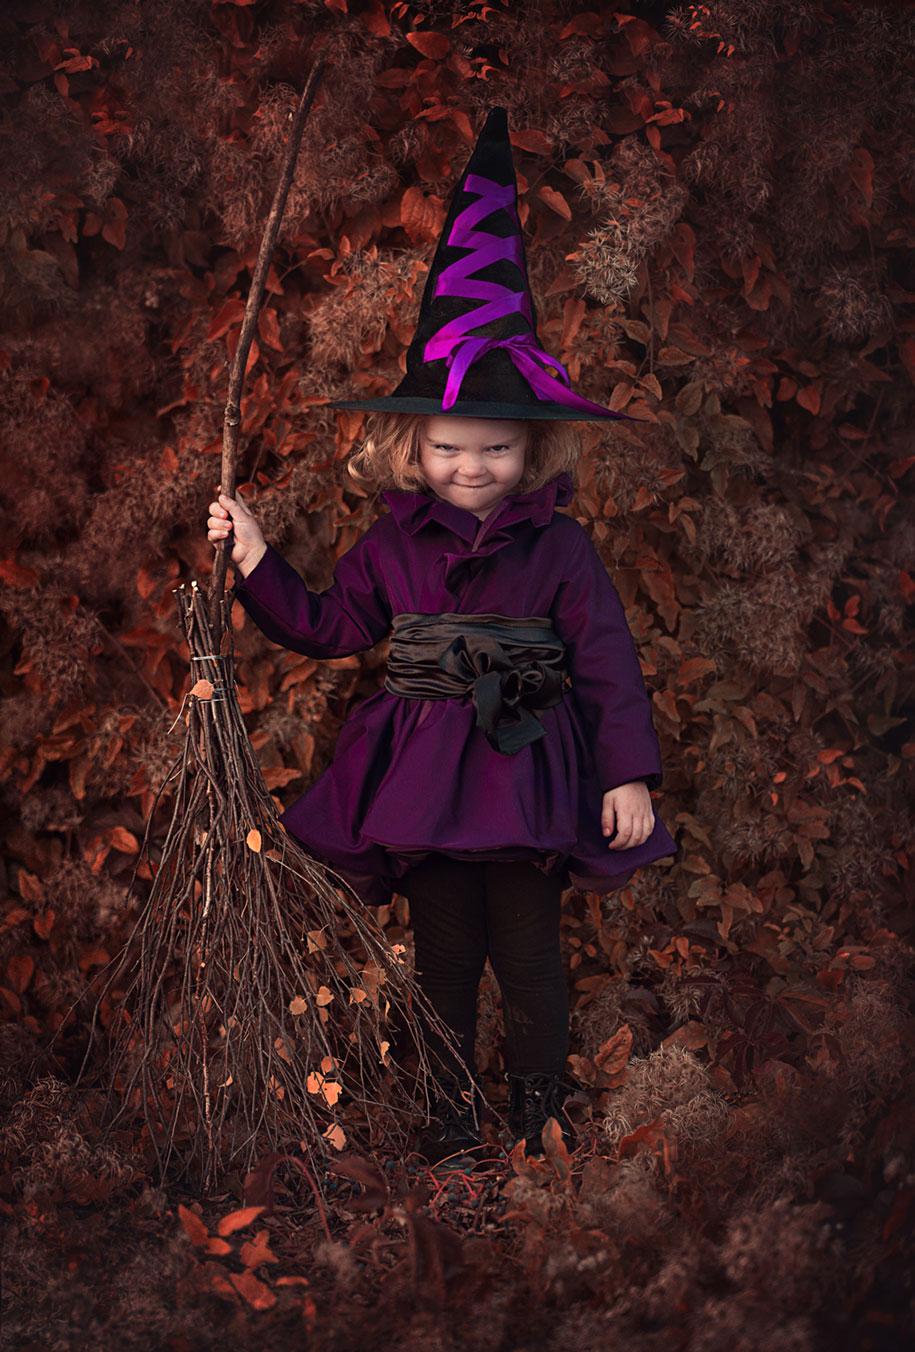 photographer-captures-children-in-costumes-childhood-anna-rozwadowska-5